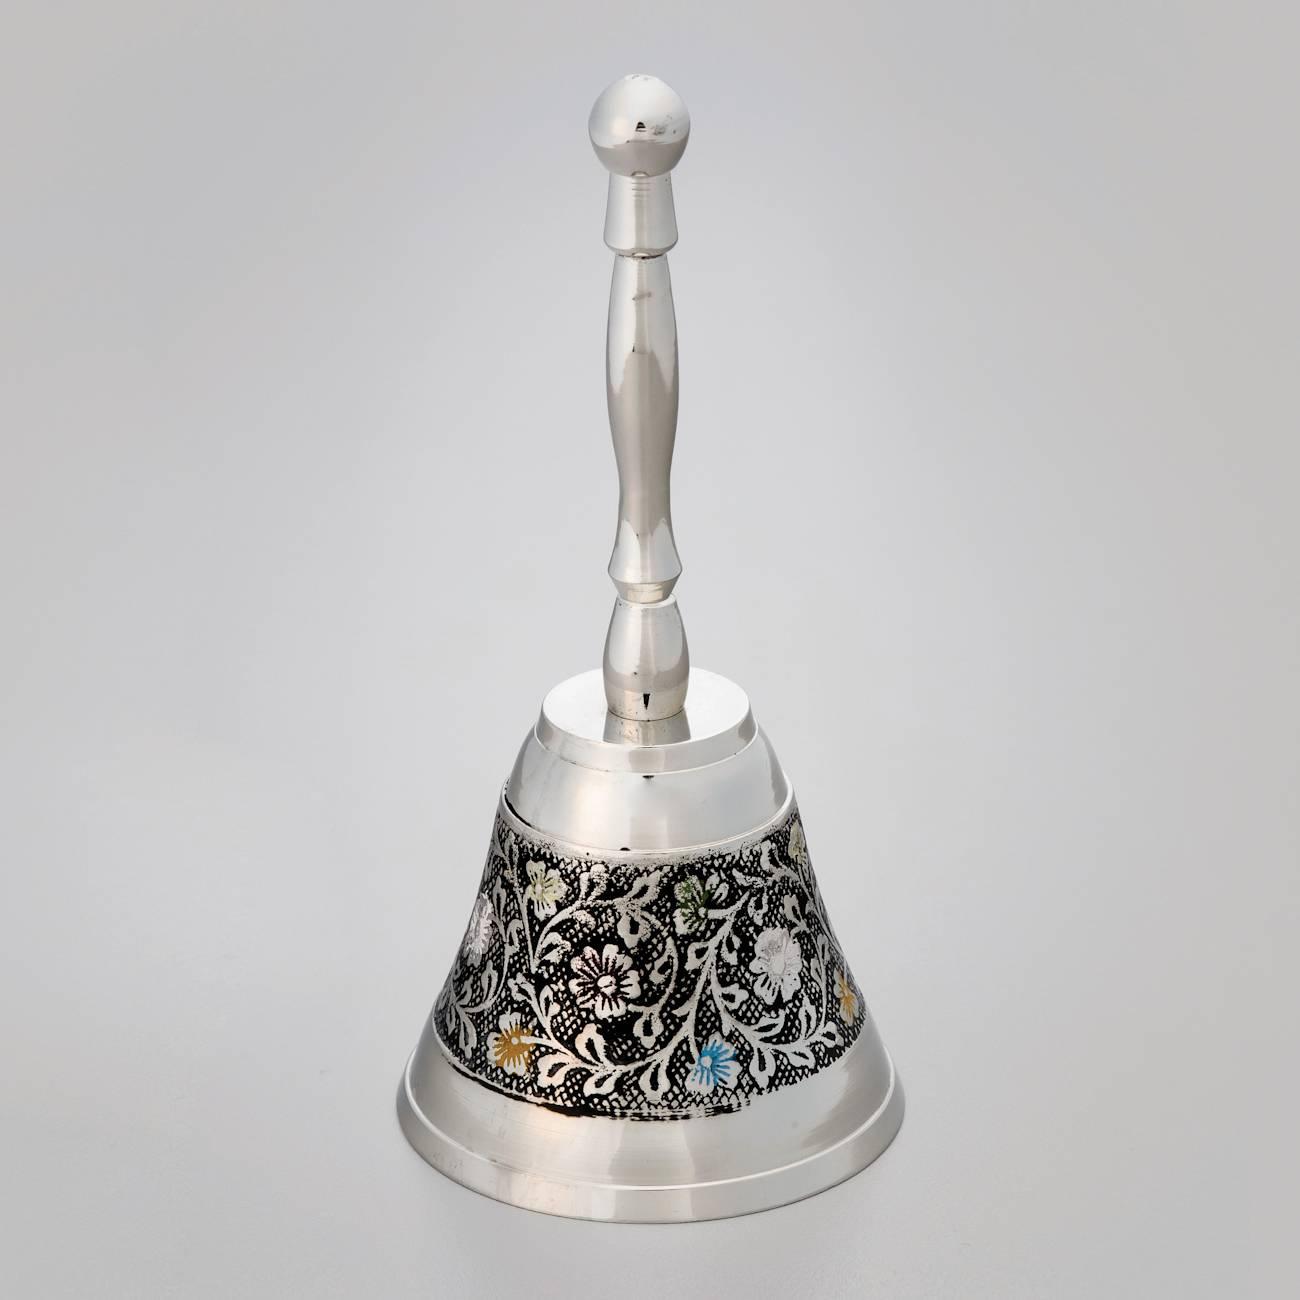 Sino de Mesa Flores Prata e Preto em Metal - Prestige - 14,5x6 cm